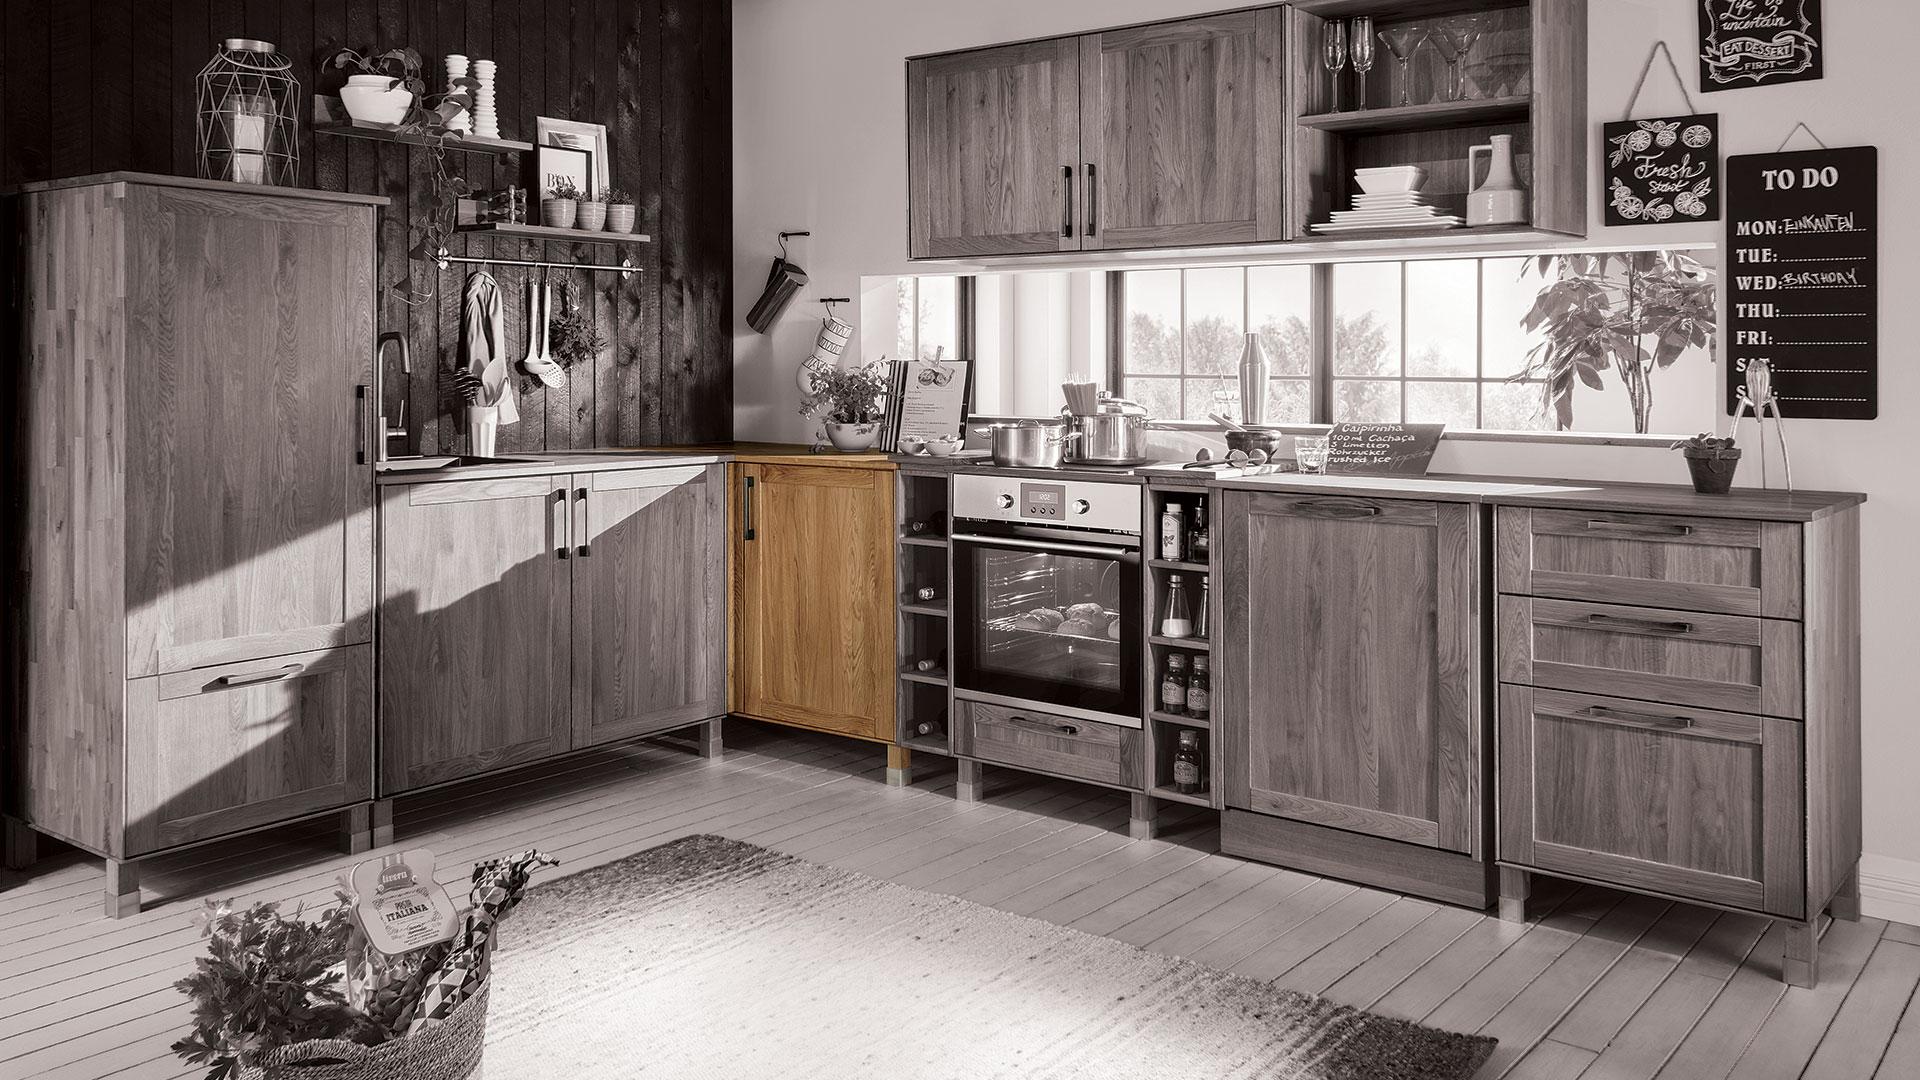 Full Size of Massivholzküche Höffner Massivholzküche Erle Massivholzküche Modulküche Vorteil Massivholzküche Küche Massivholzküche